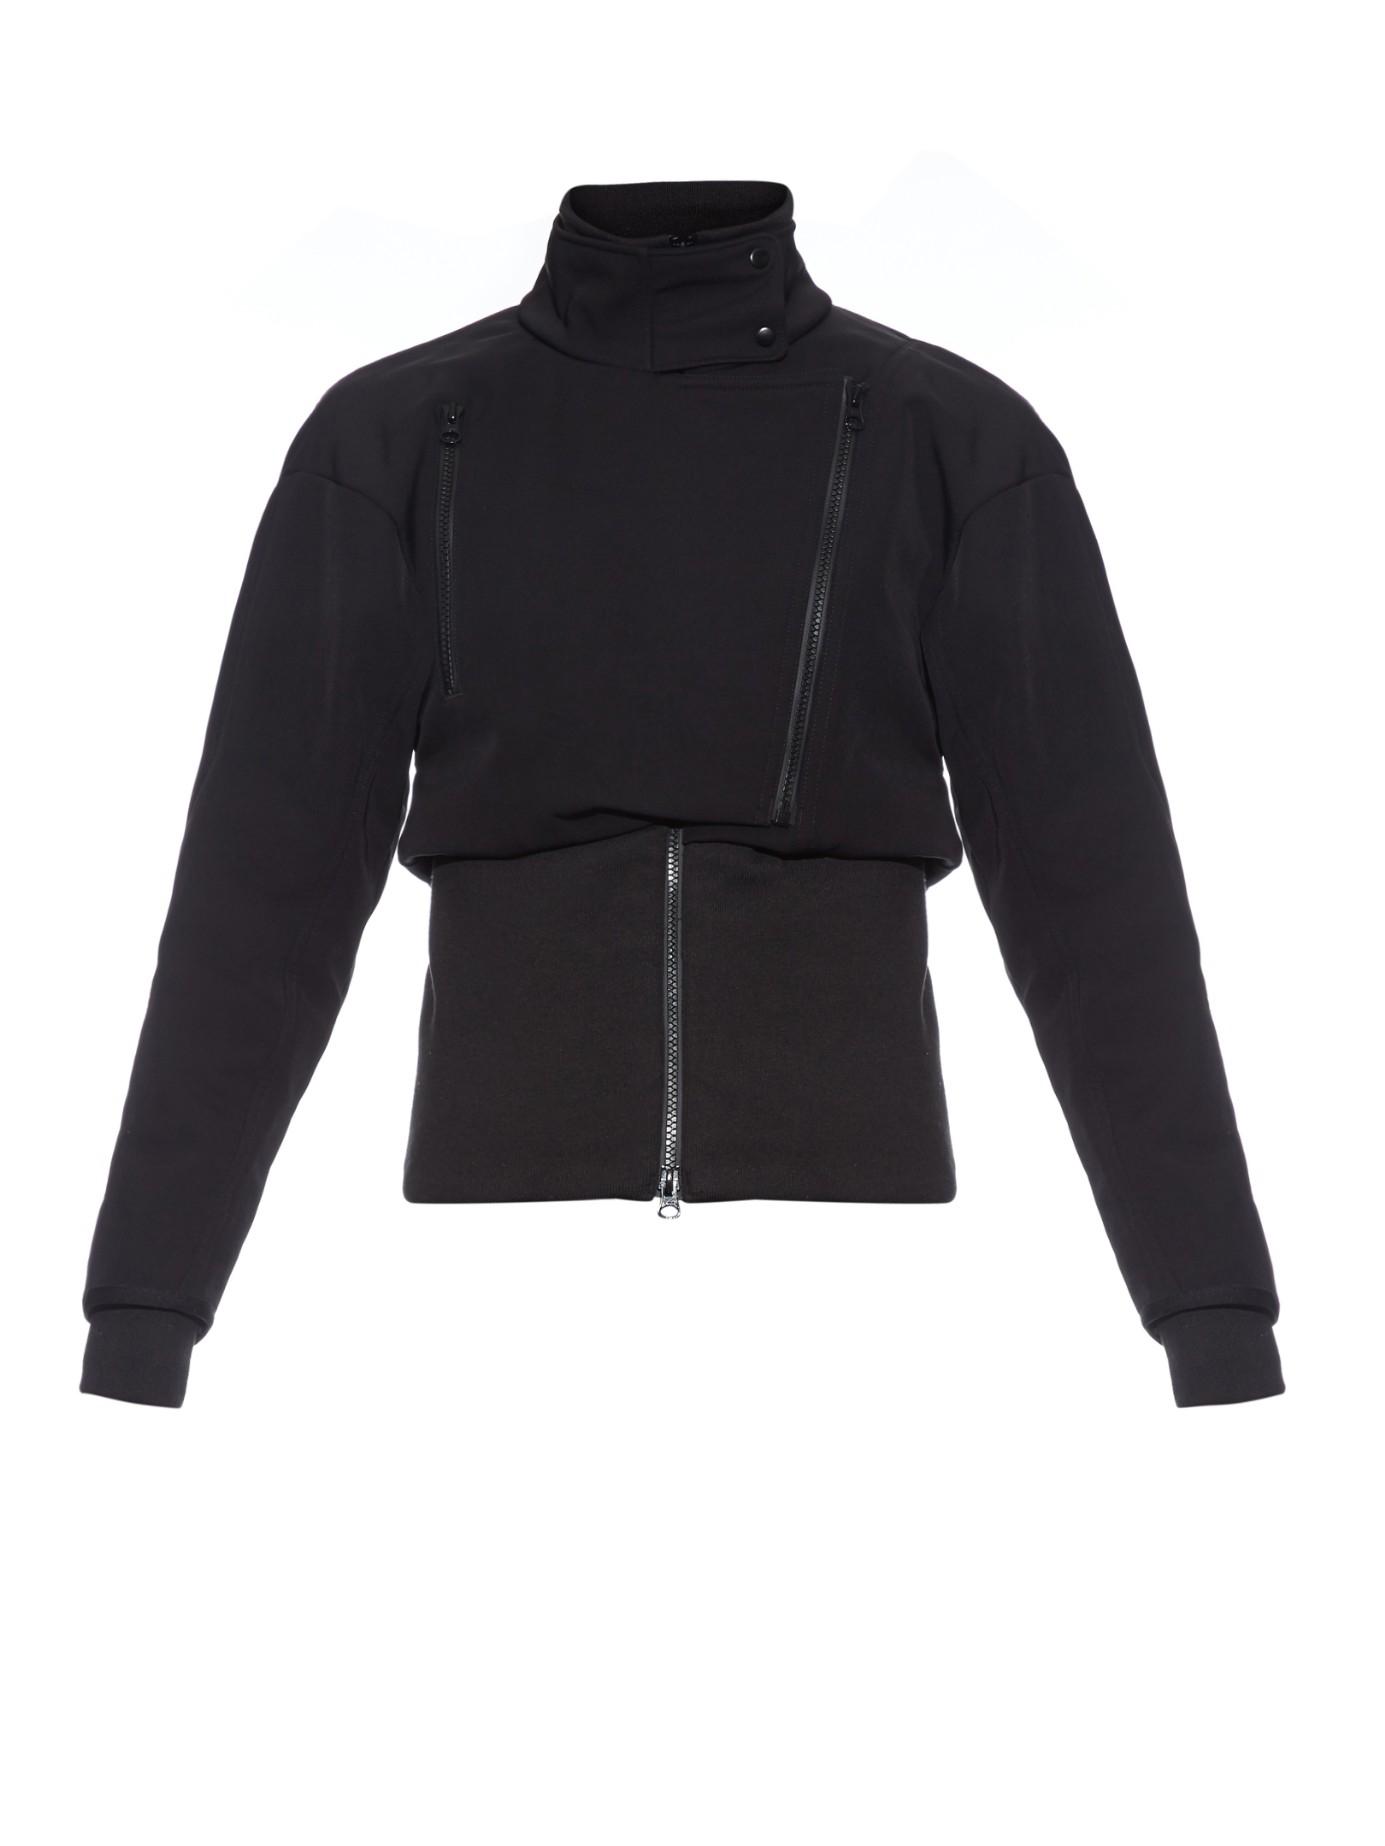 b58f398c01 Lyst - adidas By Stella McCartney Slim Ski Jacket in Black